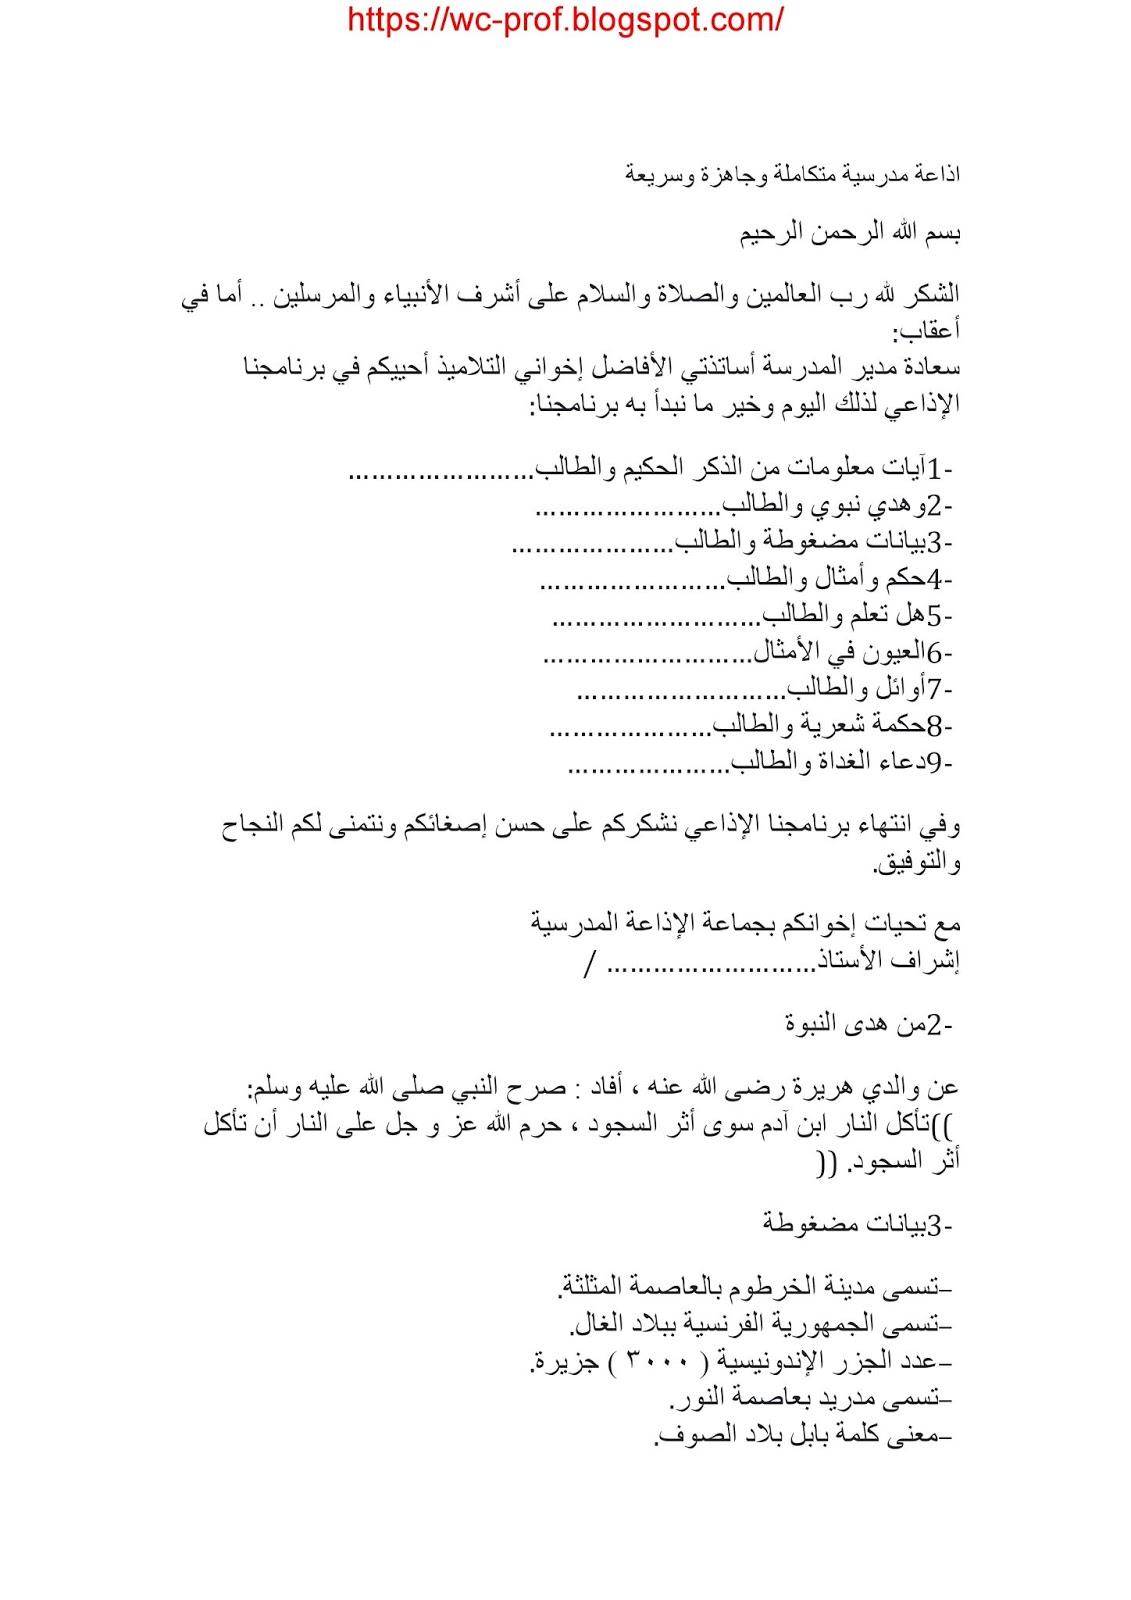 مقدمة اذاعة مدرسية باللغة الانجليزية للصف الثانى الاعدادى